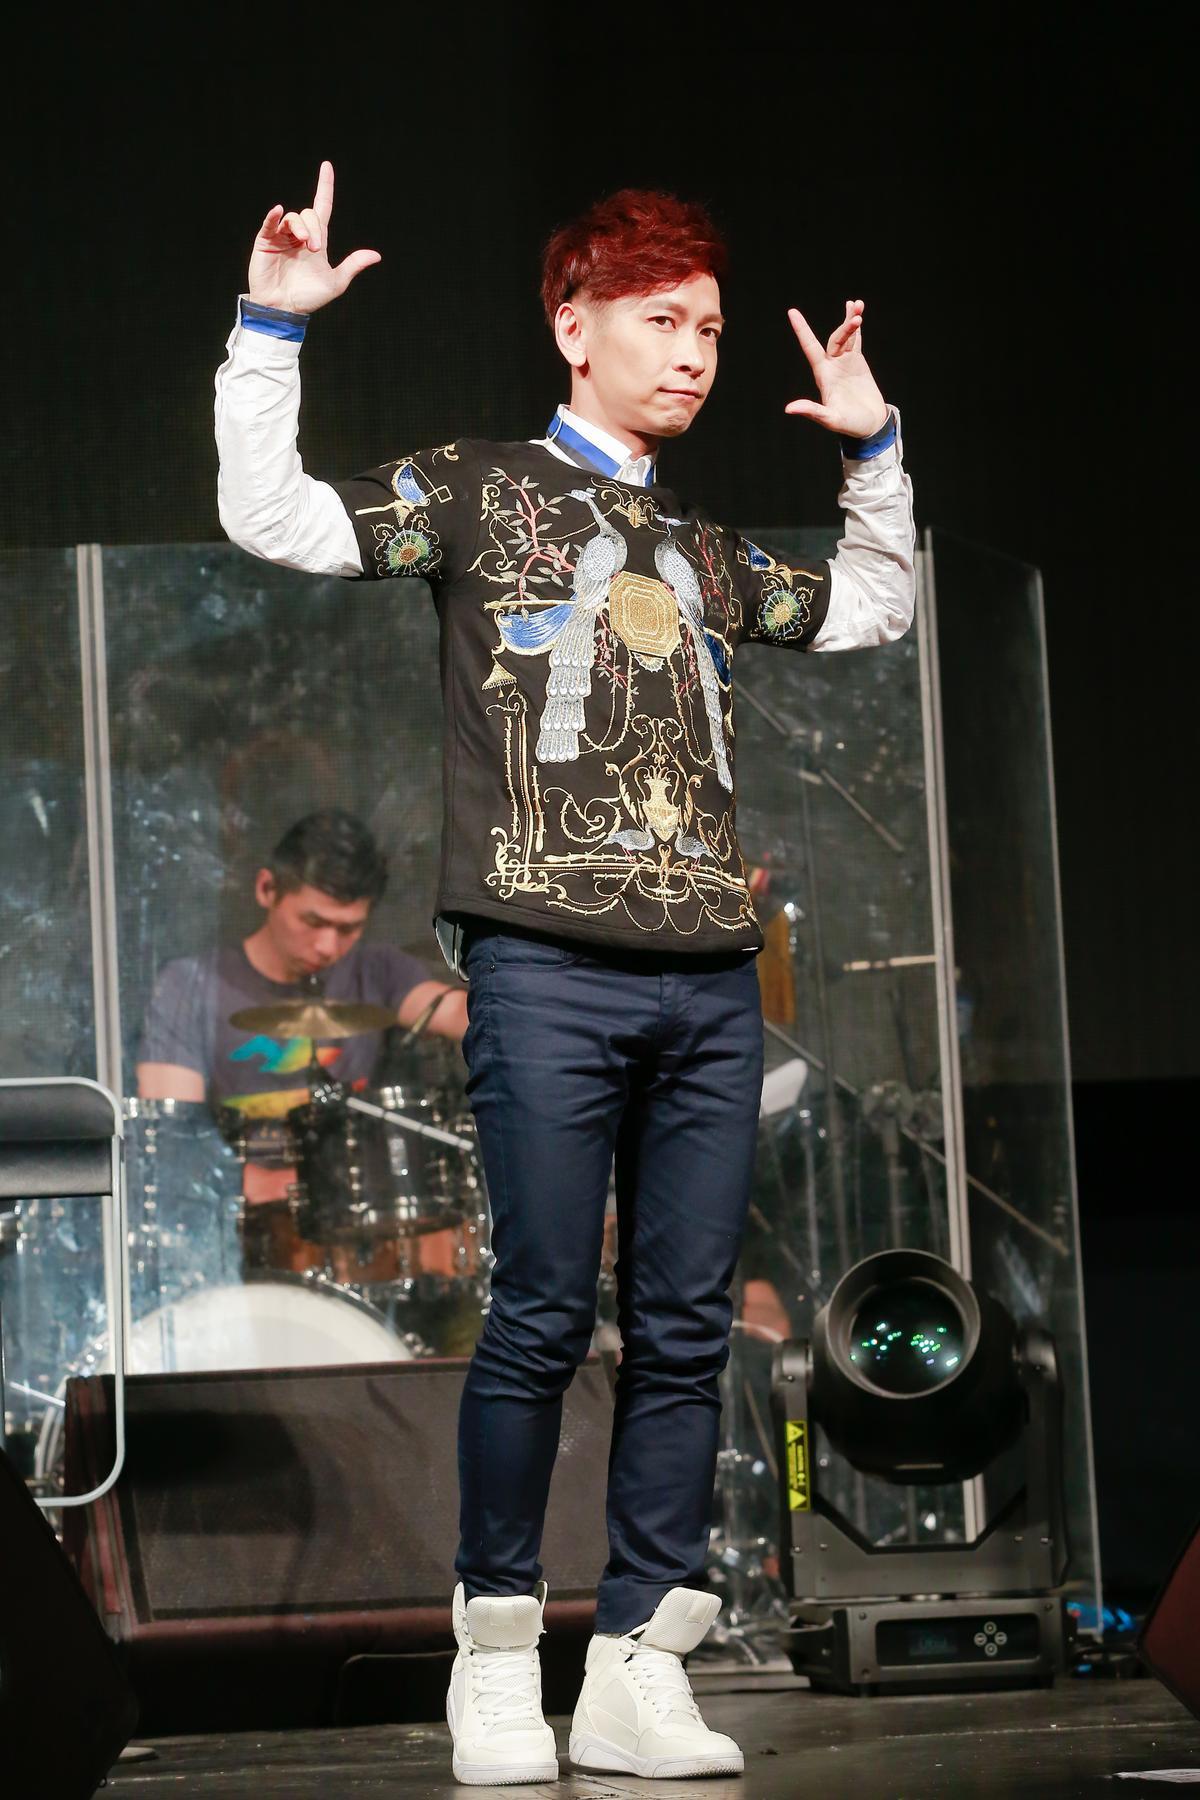 張智成連飆近30首歌,透露演唱會上一台提詞機都沒有。